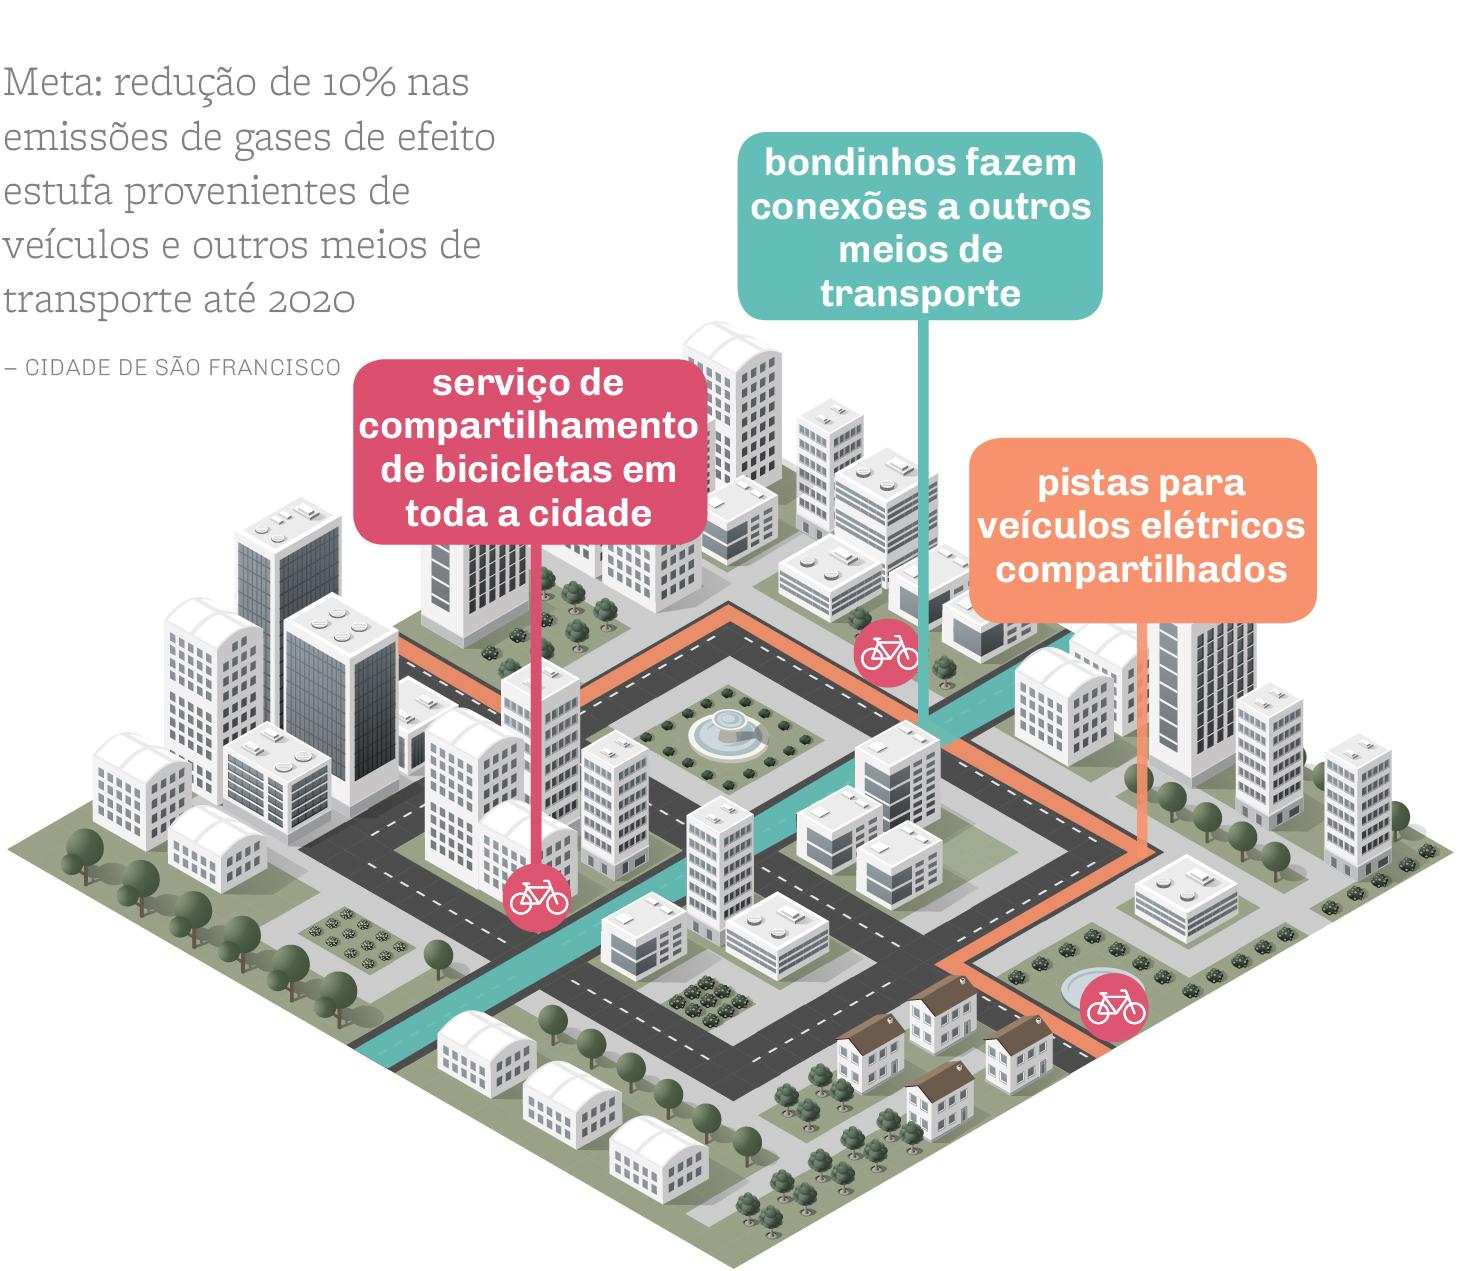 Gráfico mostra sistemas de transporte propostos pela cidade de São Francisco (Shutterstock /Depto. de Estado/J. Maruszewski)